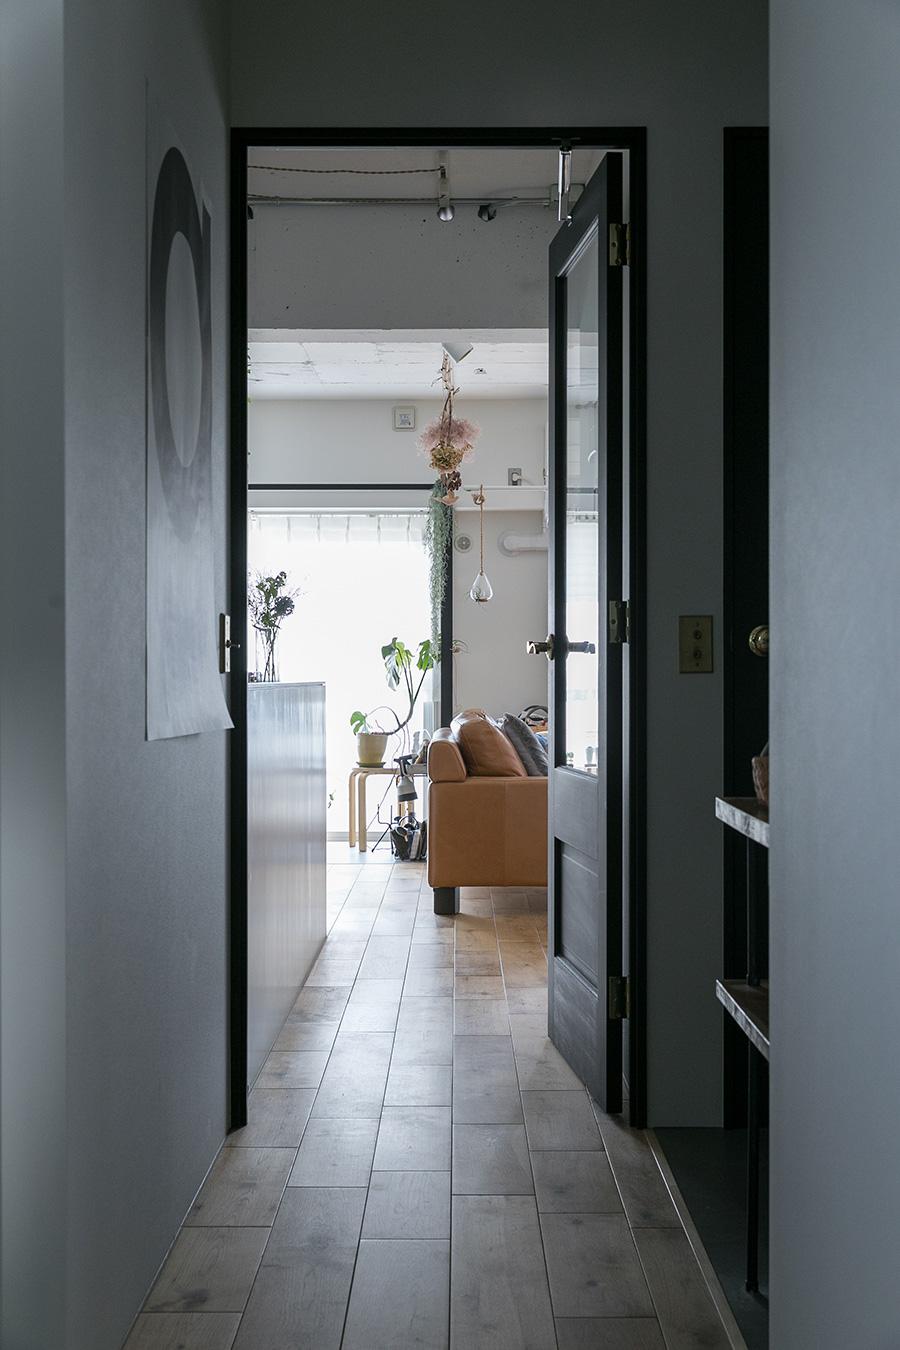 リビングのガラス入りの扉は黒に塗装し、ドアノブとスイッチプレートは金色のものをチョイス。